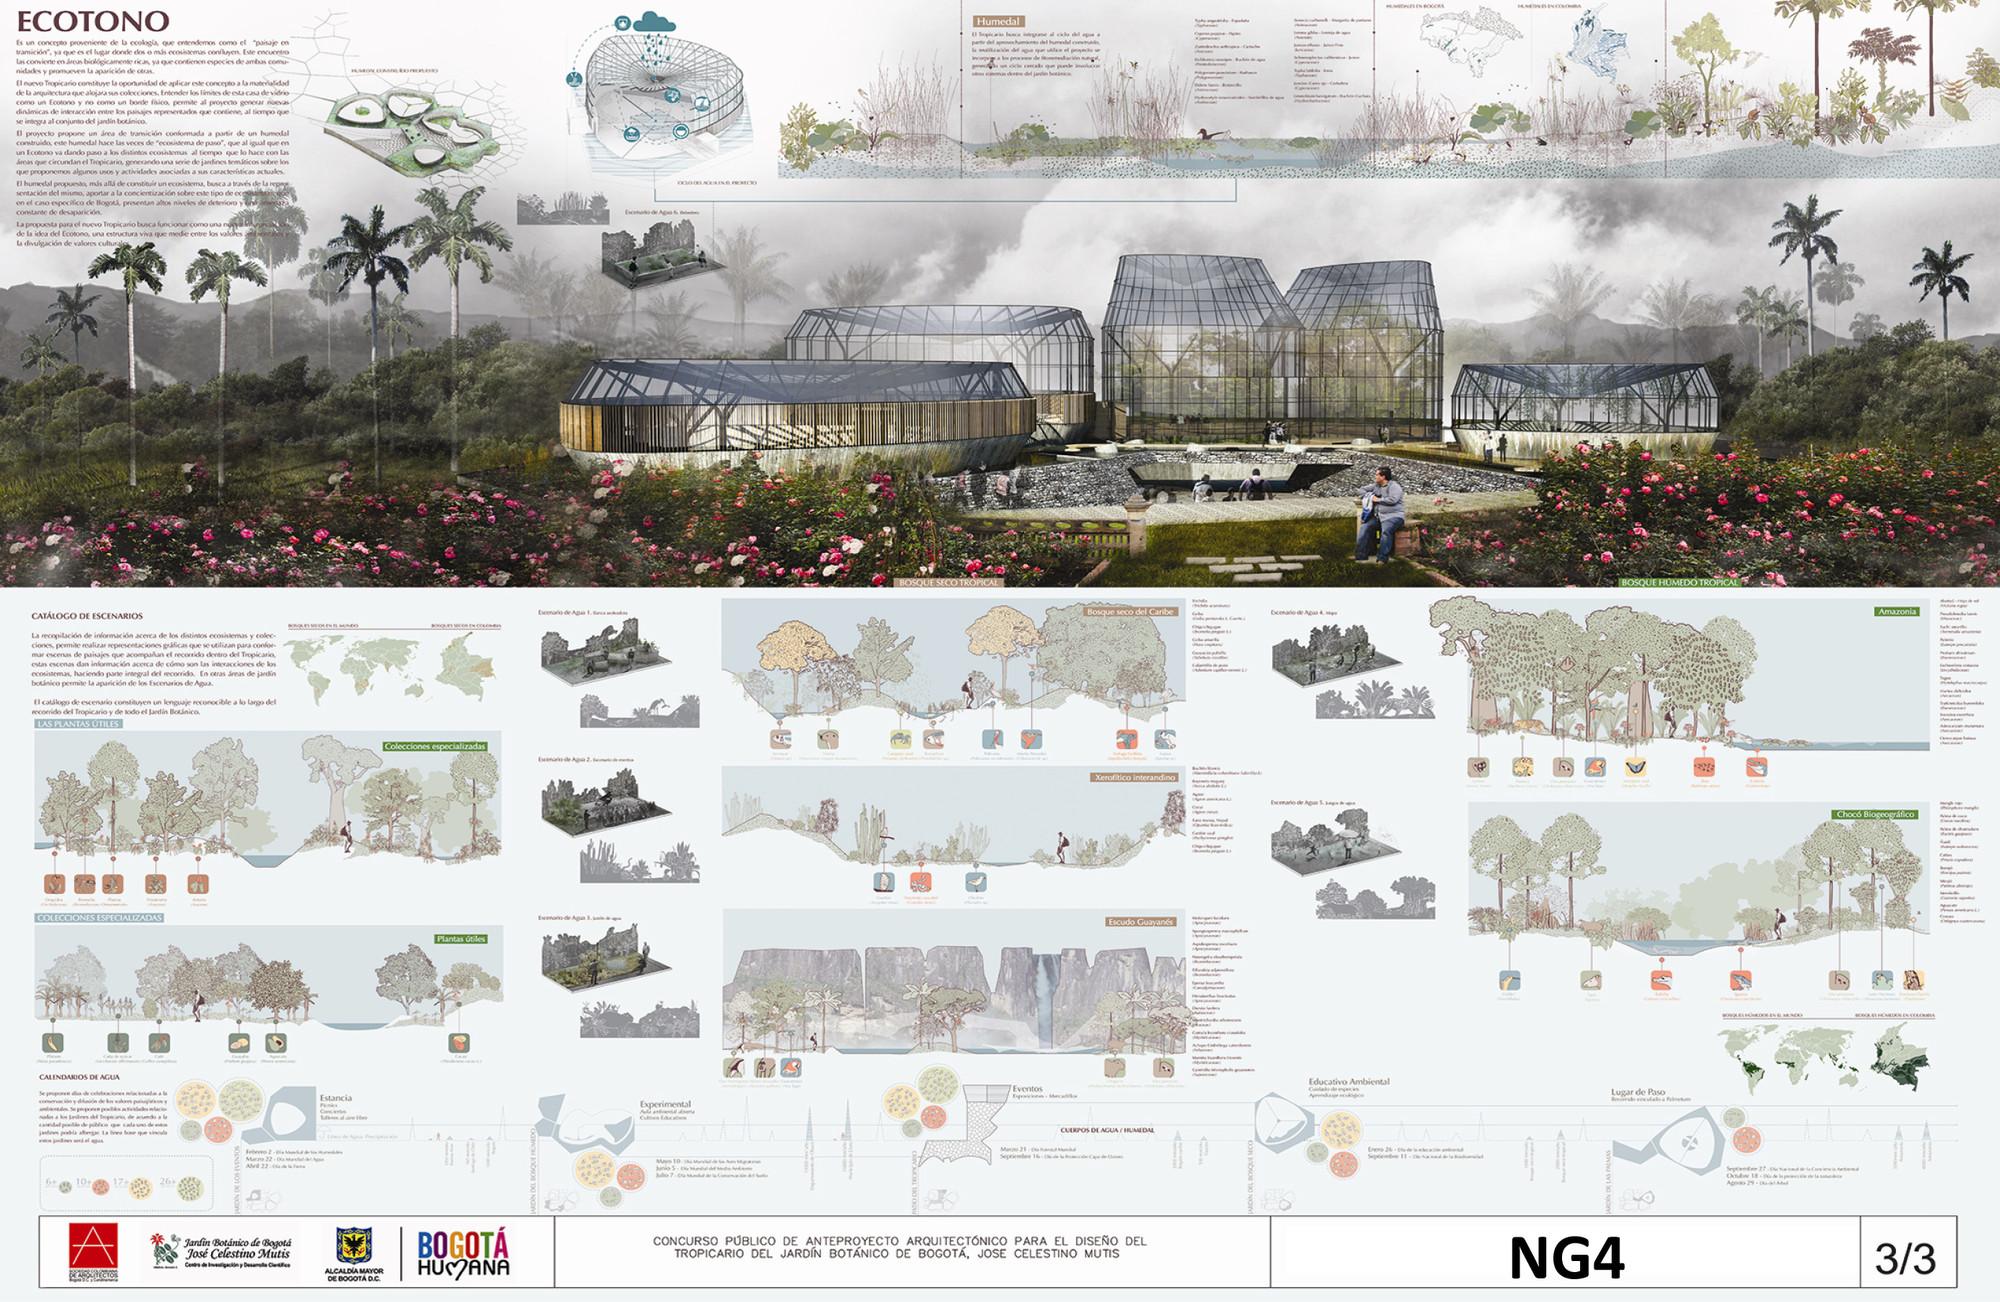 Anuncian ganadores del concurso de dise o del tropicario for 5 tecnicas de la arquitectura